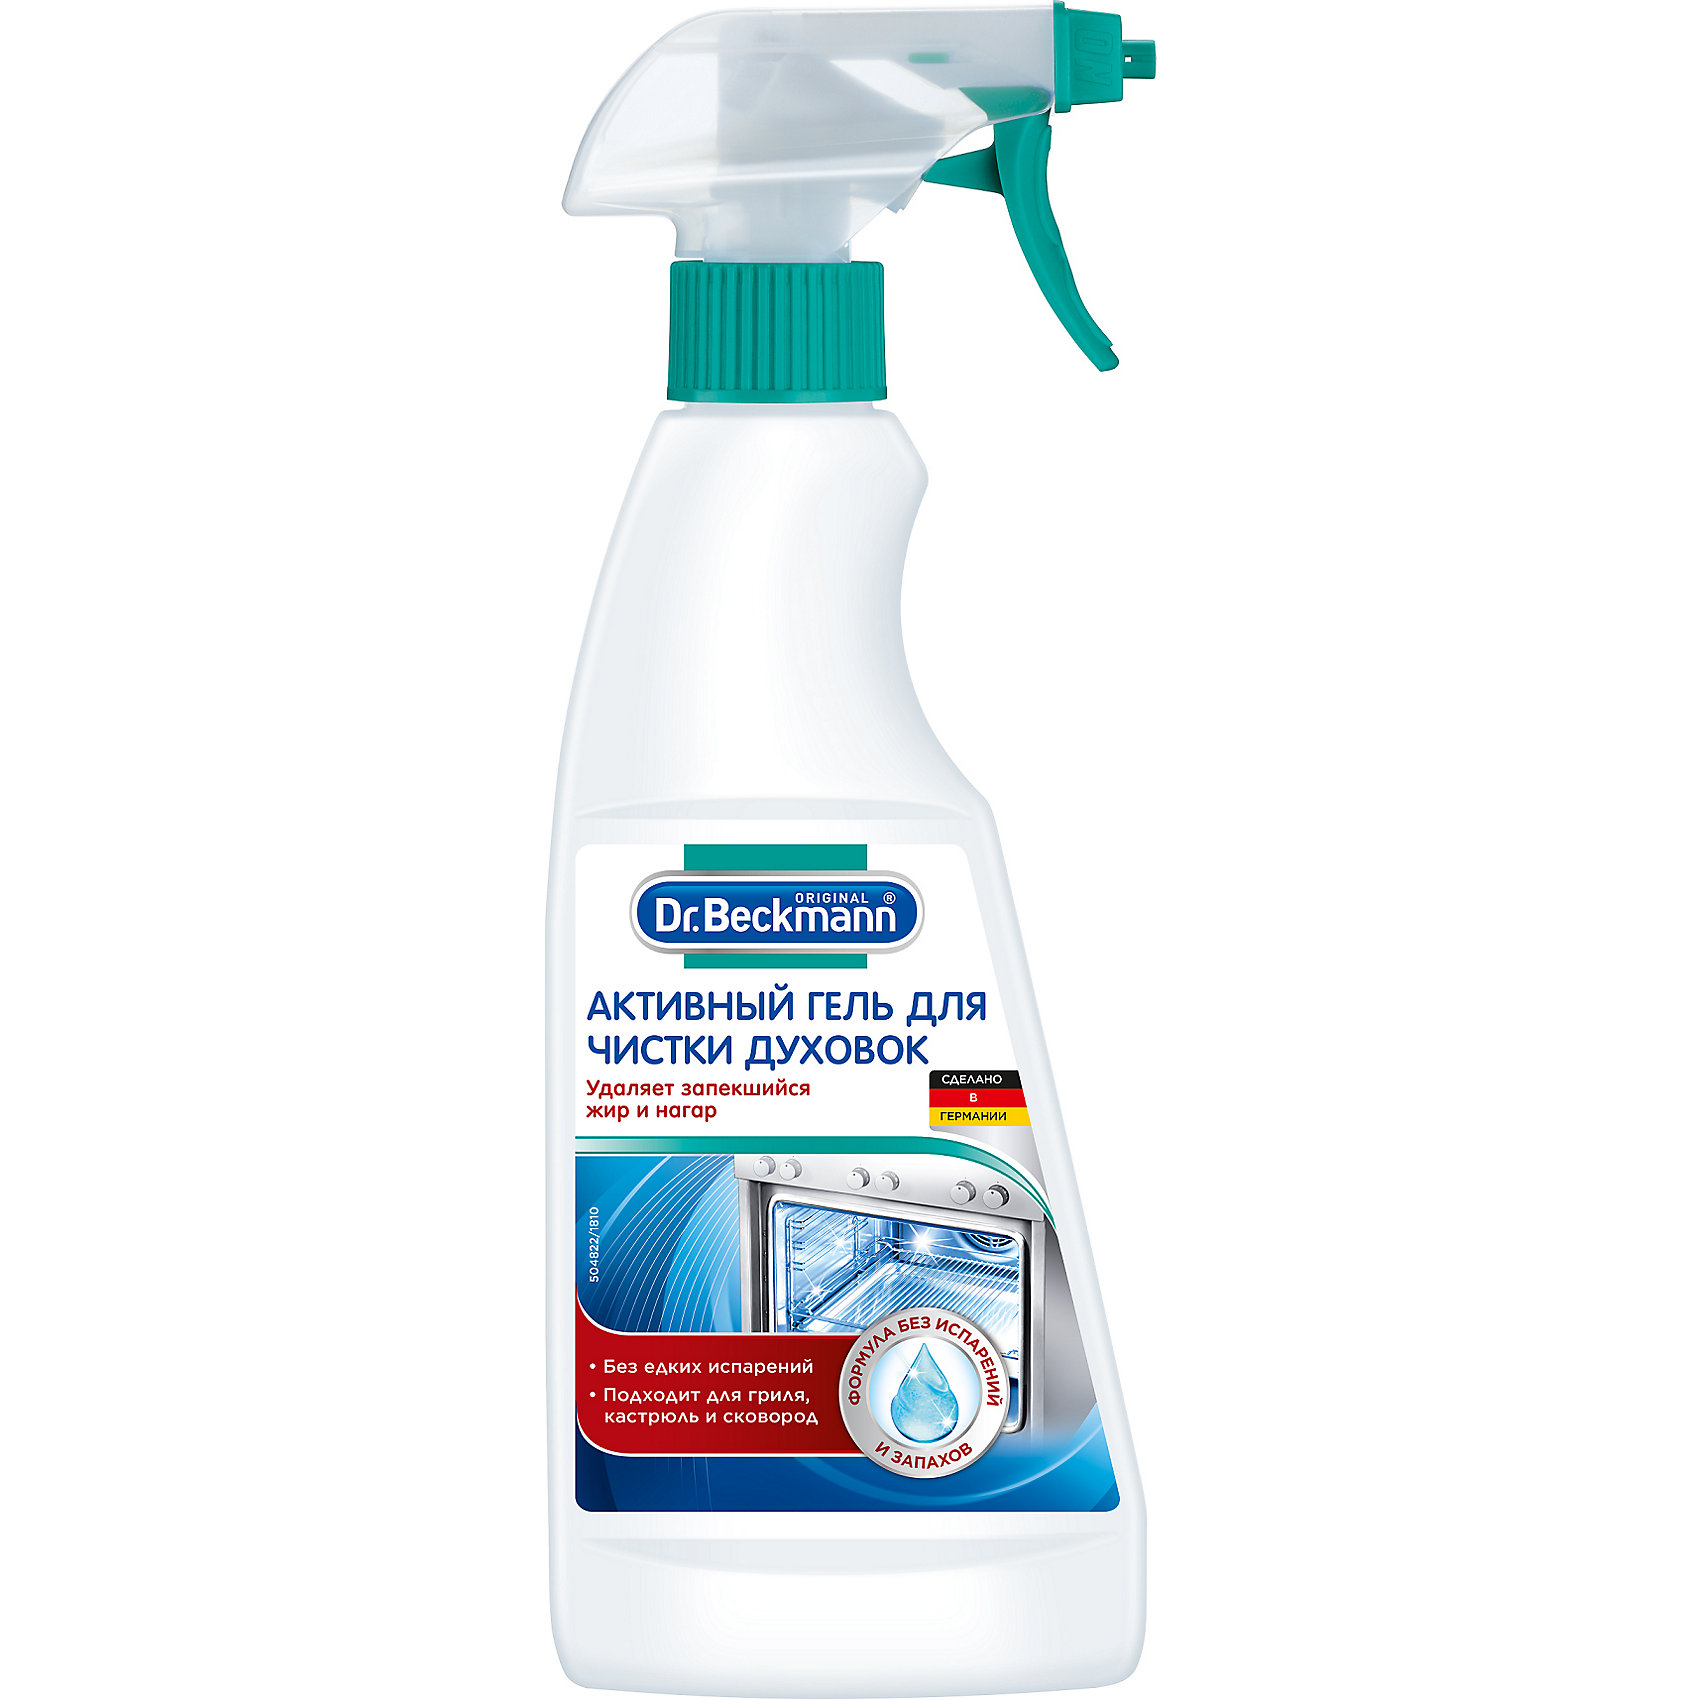 Активный гель для чистки духовок, 375 мл., Dr.Beckmann